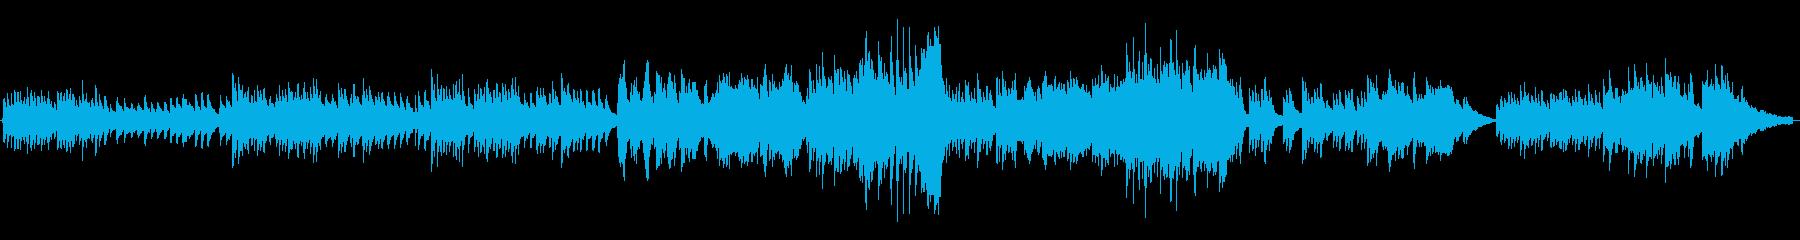 穏やかなピアノインストの再生済みの波形